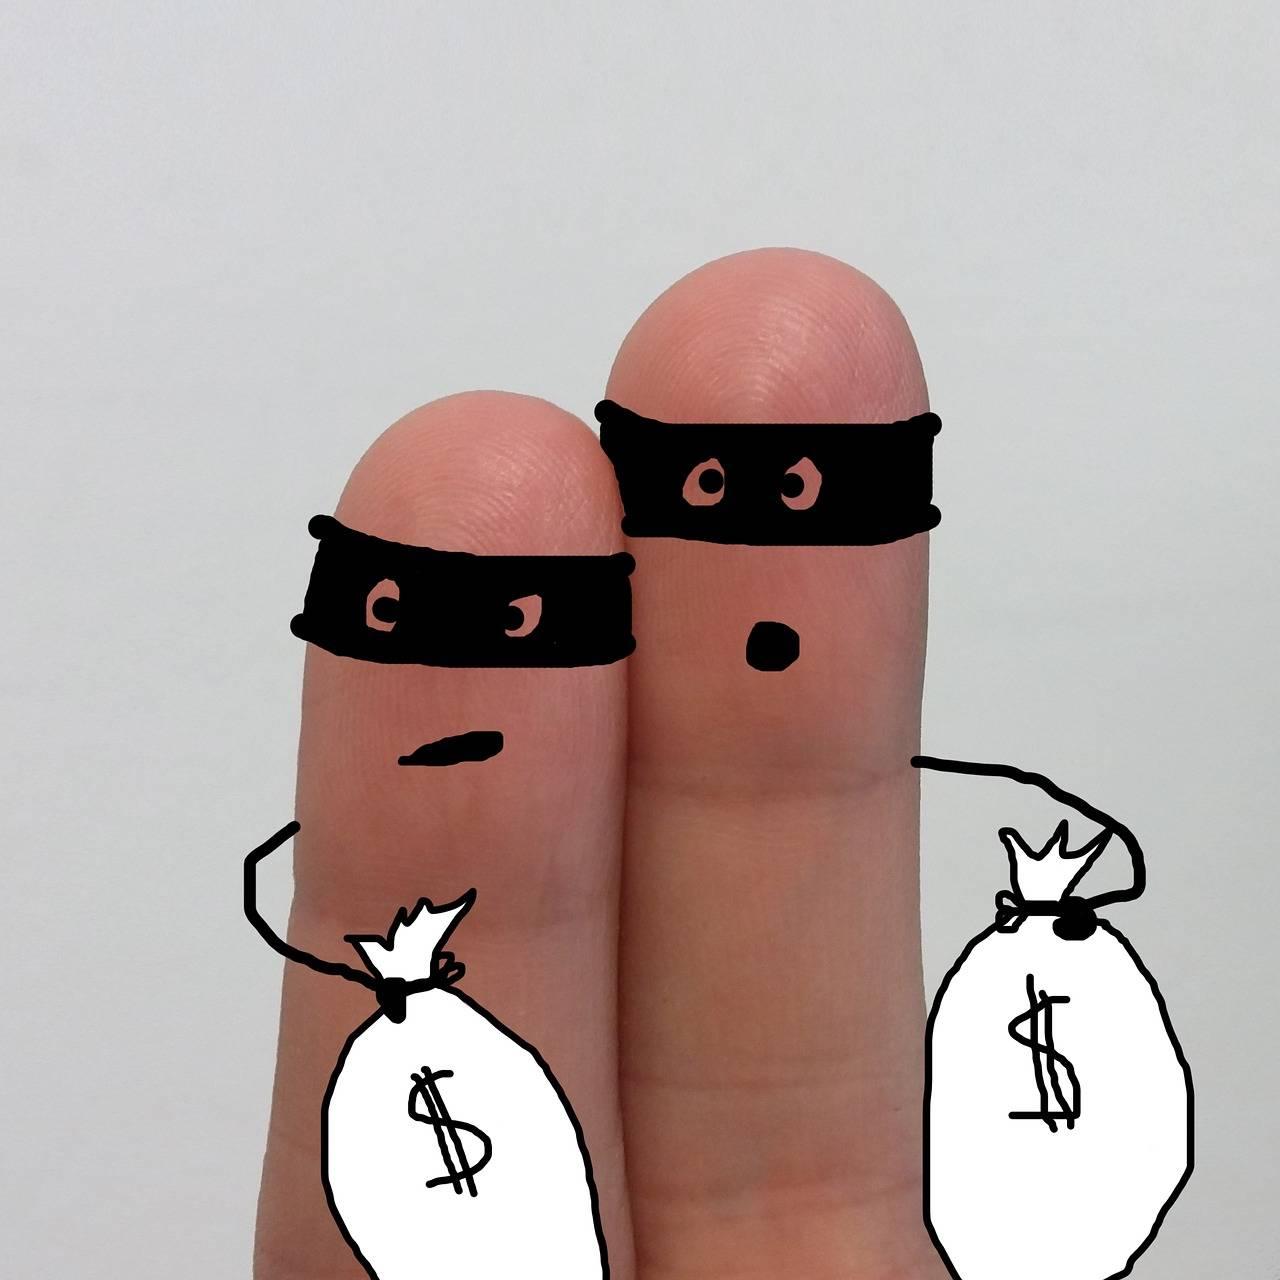 Nuevas técnicas implementadas en cajeros automáticos y bancos revelan que ladrones roban a tarjetahabientes con más frecuencia y mayor descaro. Los ¡ladrones de tarjetahabientes han ampliado su abanico de técnicas para sustraer plásticos o efectivo de sus